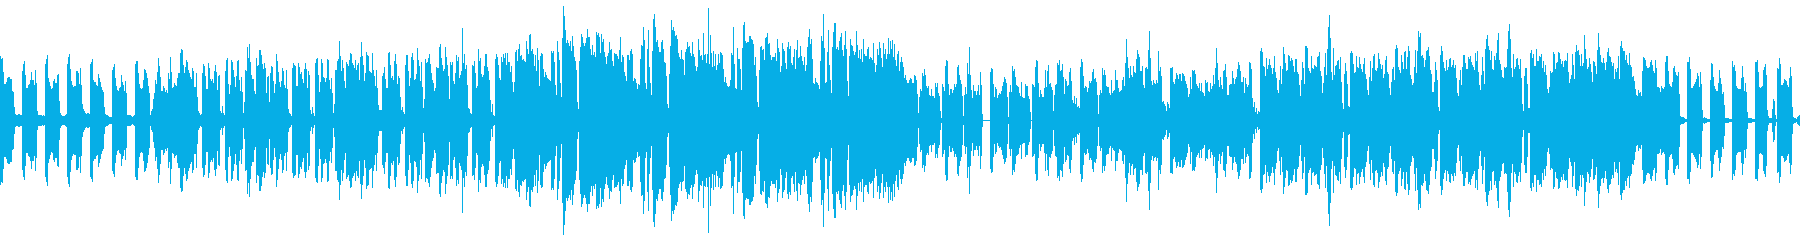 都会っぽいBGMの再生済みの波形